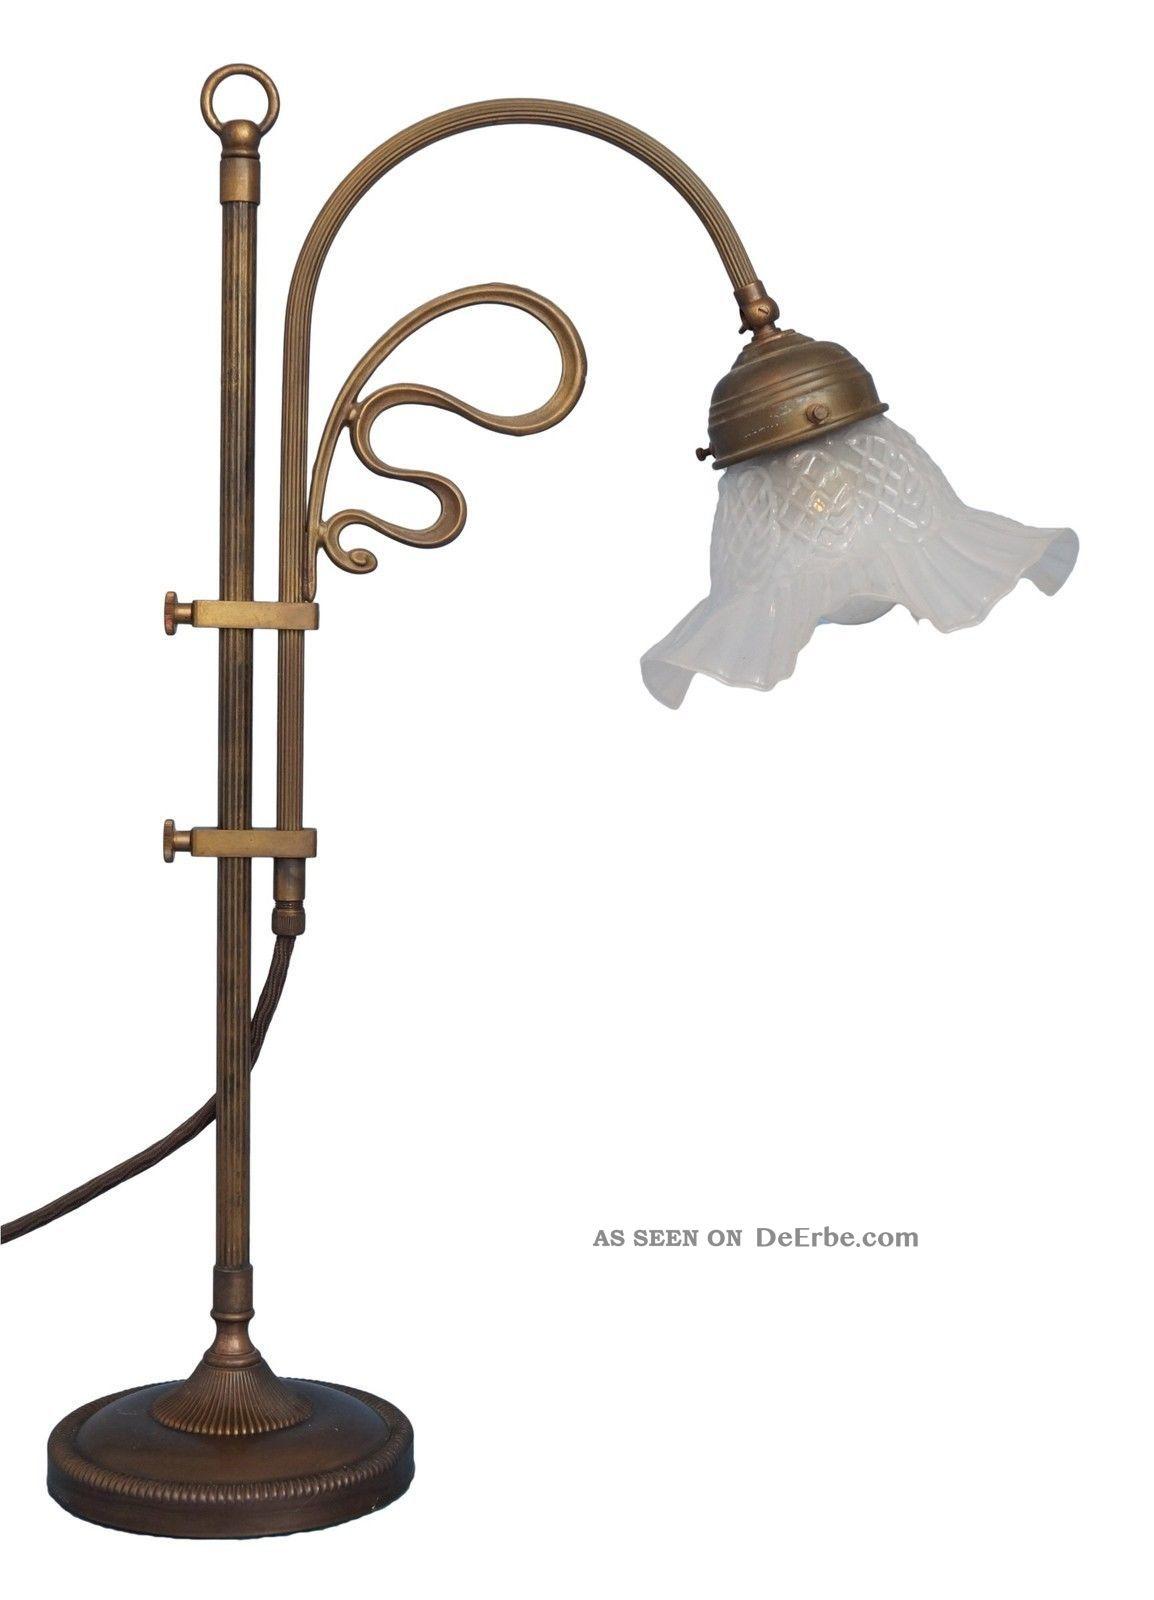 Klassische Jugendstil Leselampe Tischleuchte Bibliothekenlampe Kontorleuchte Gefertigt nach 1945 Bild